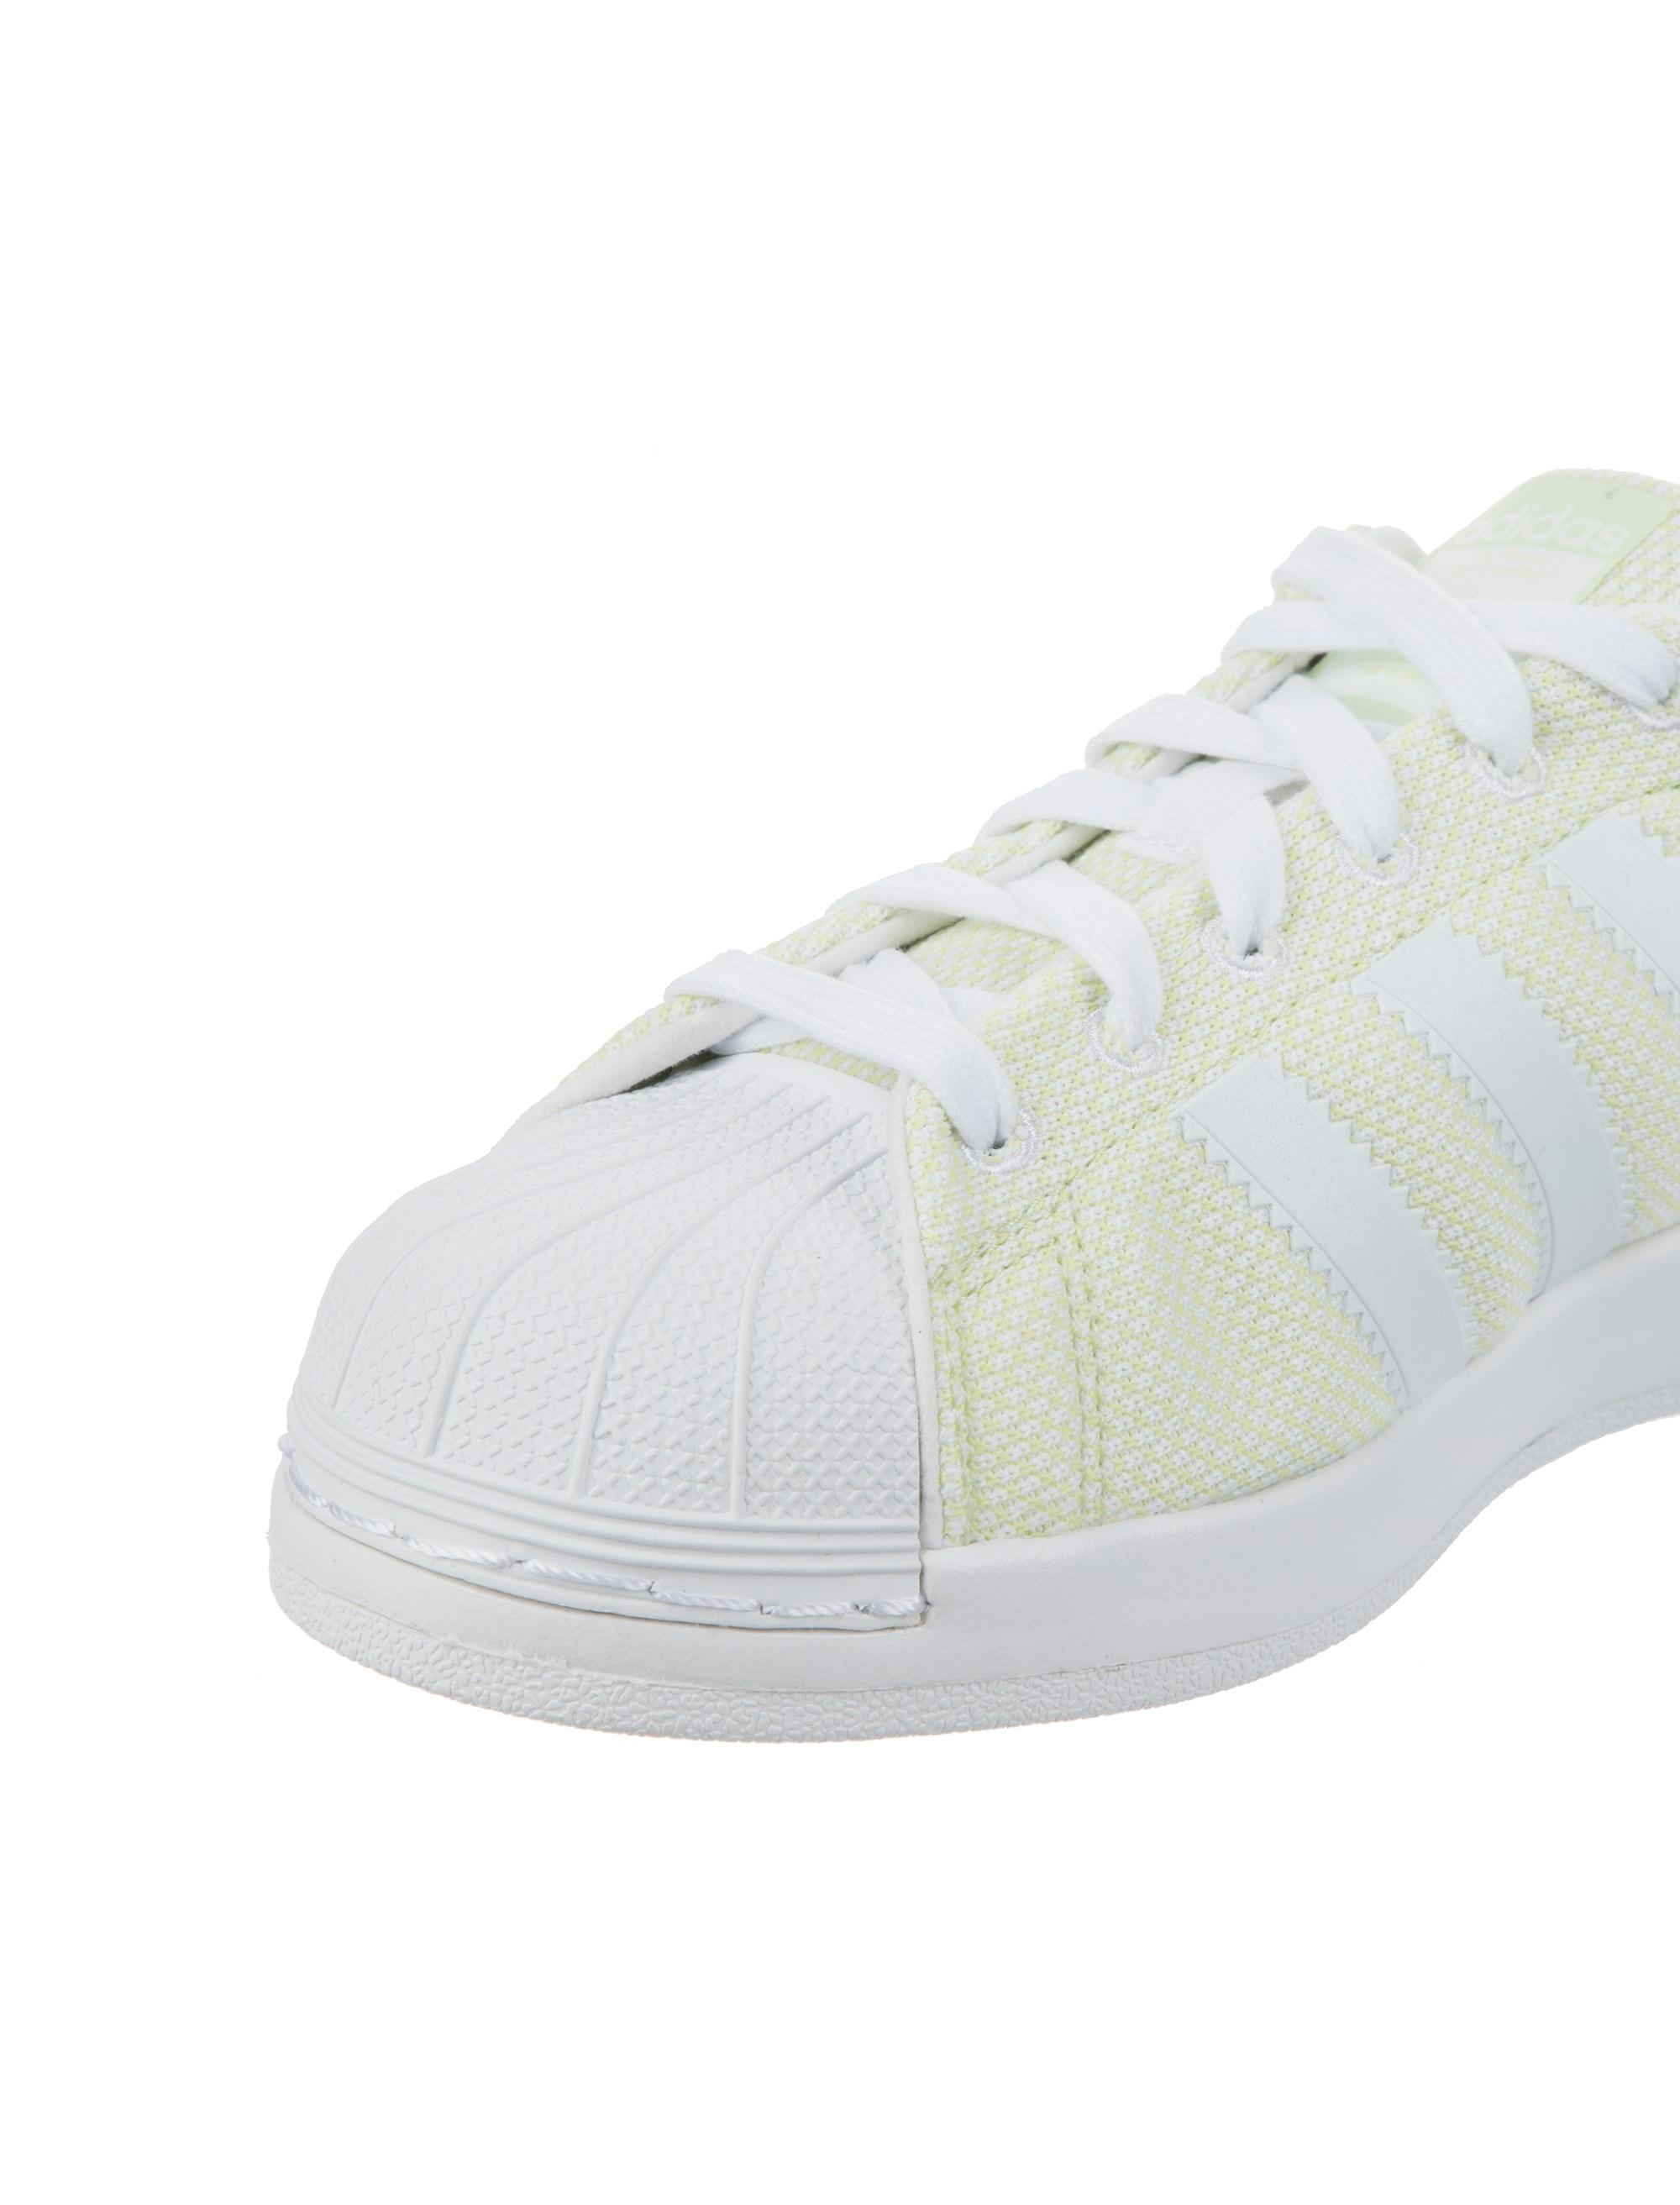 کفش راحتی زنانه آدیداس مدل BZ0634 - سبز روشن - 6